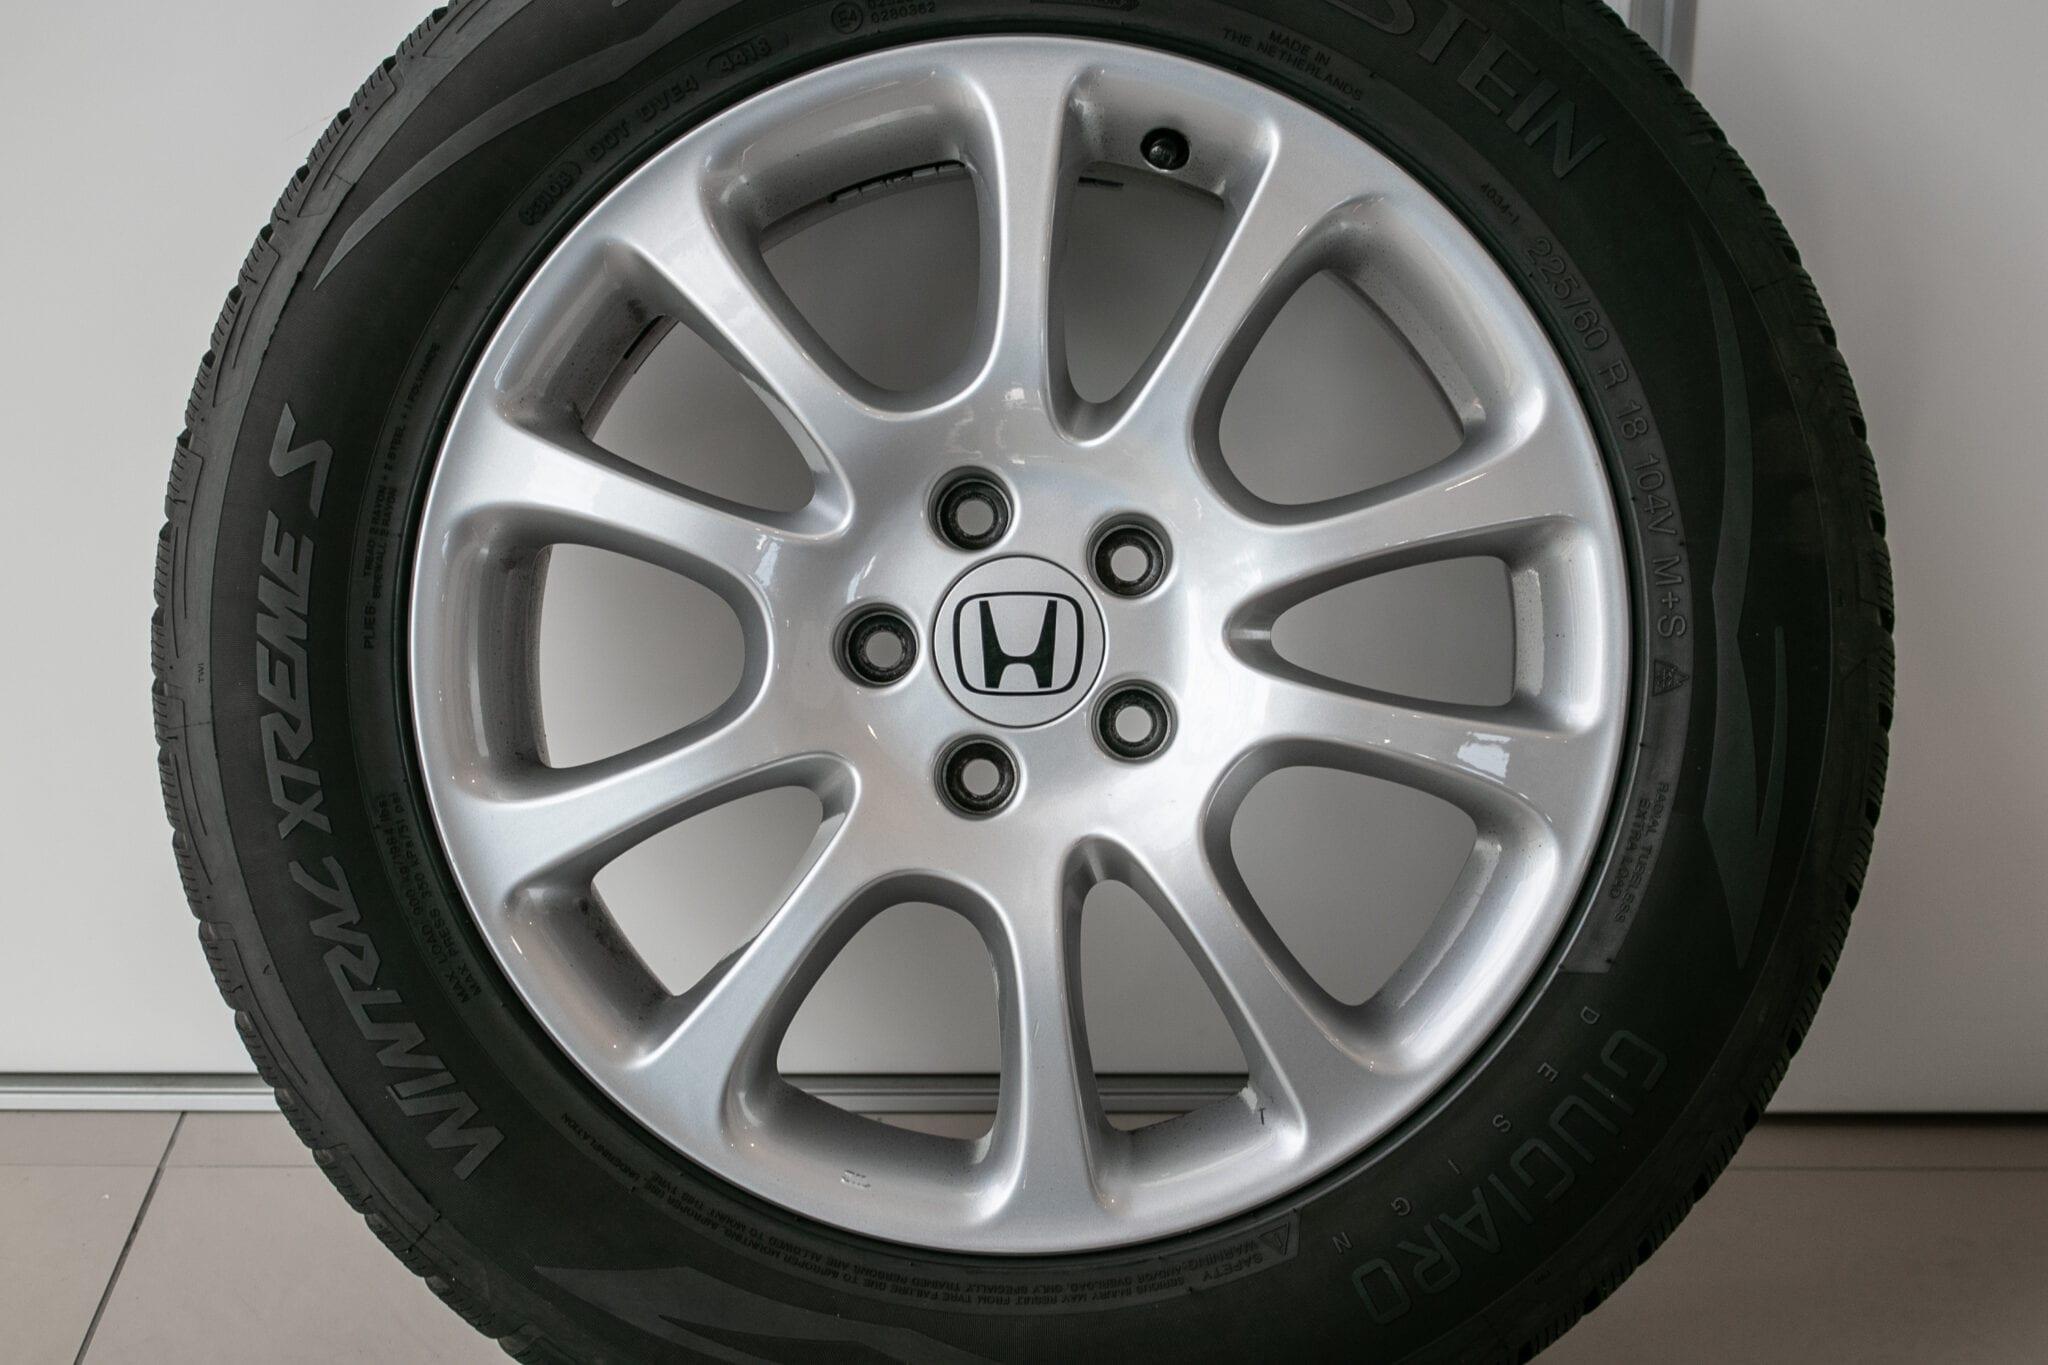 """18"""" Winterwielen voor de Honda CR-V ('07-'17) €499,- Gebruikt. Profieldiepte: 6mm - 6.5mm"""